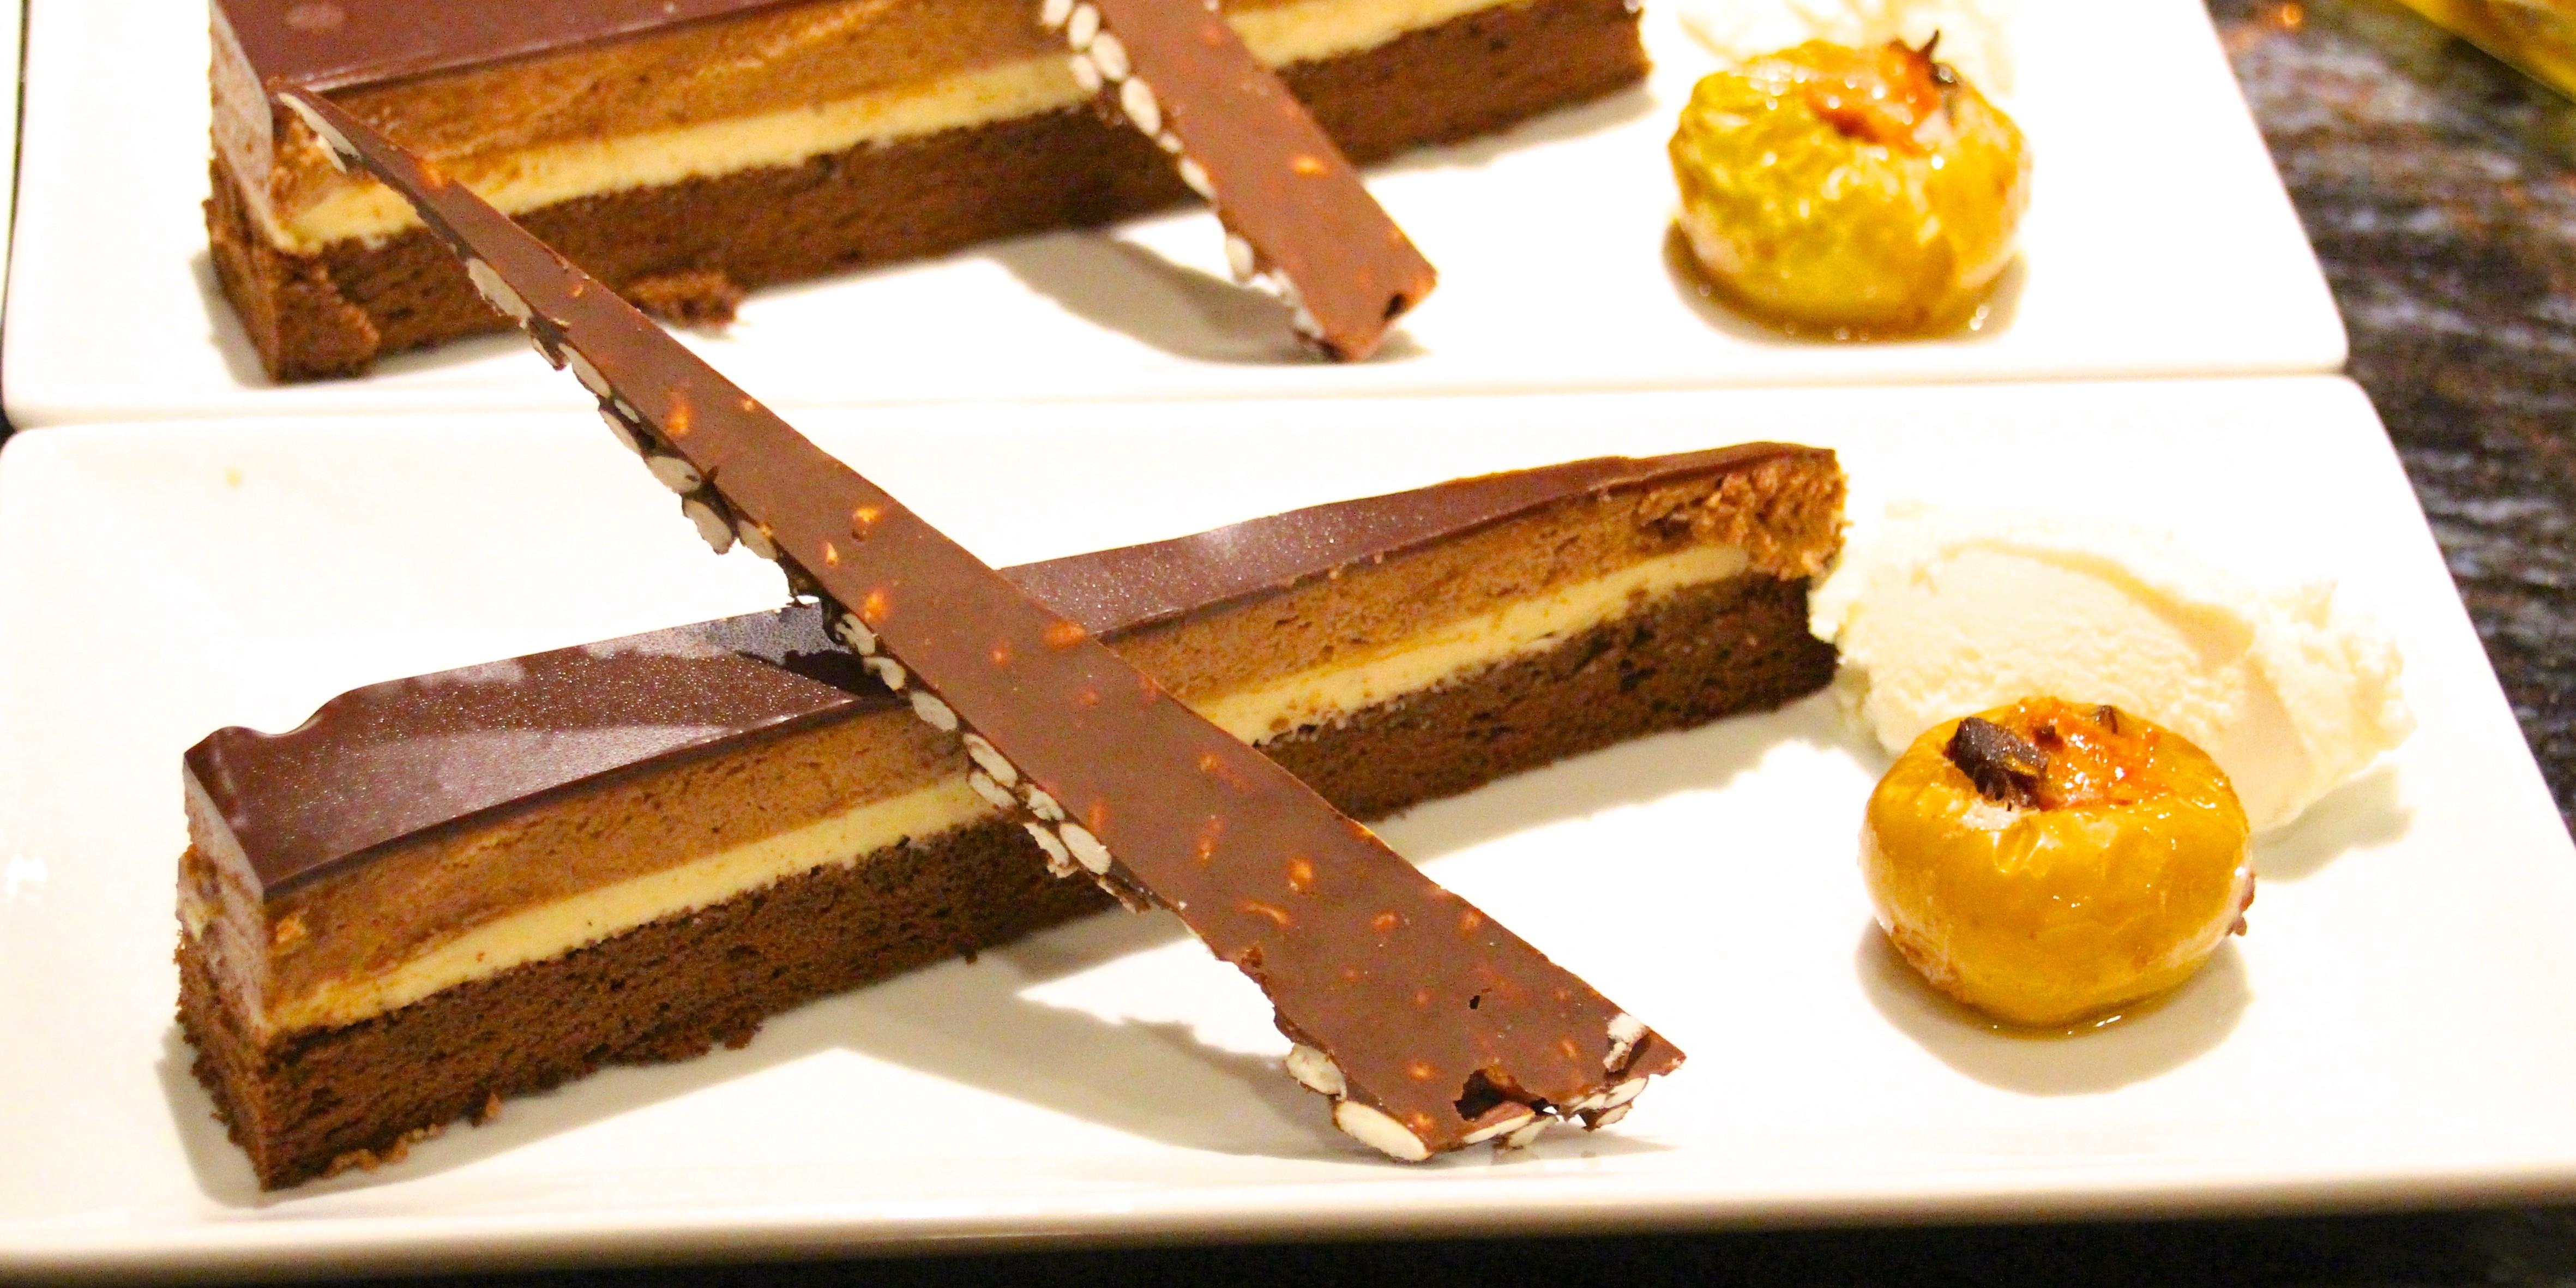 Hazelnut Praline Cake with Bourbon Ice Cream, Rice Crispy Bark and Baked Lady Apple